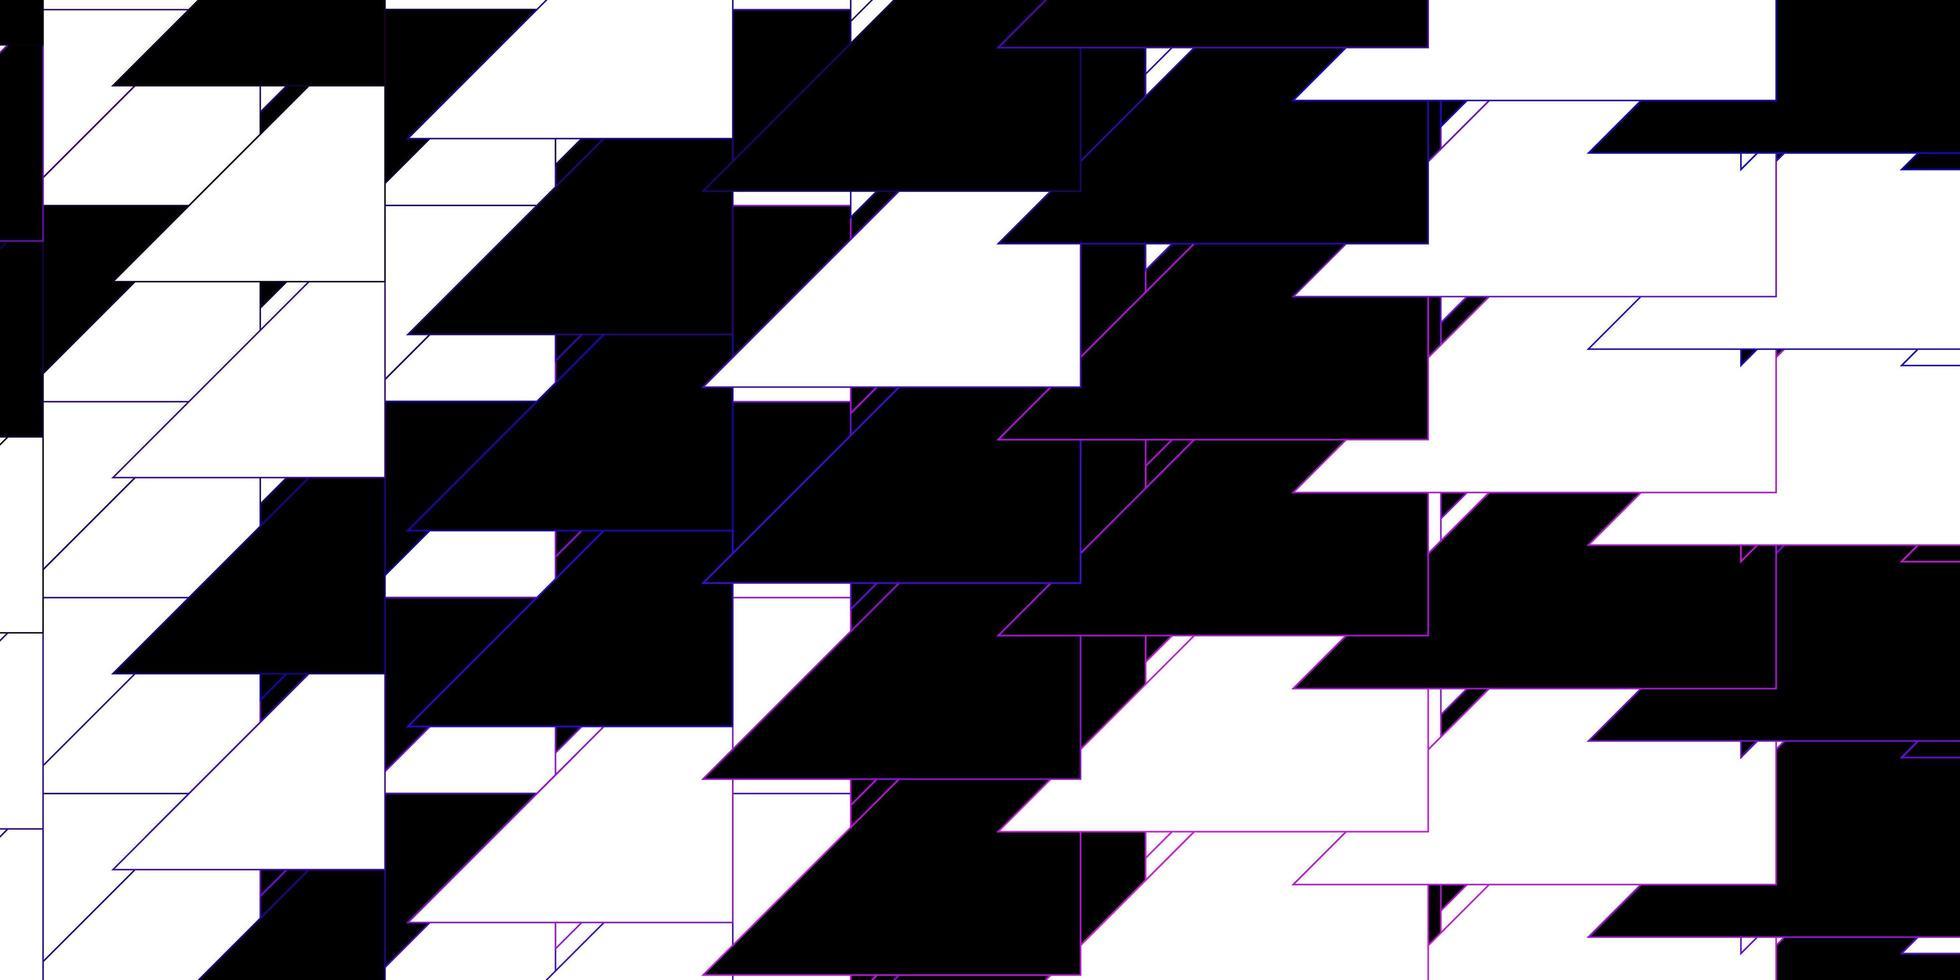 dunkelvioletter, rosa Vektorhintergrund mit Linien. vektor